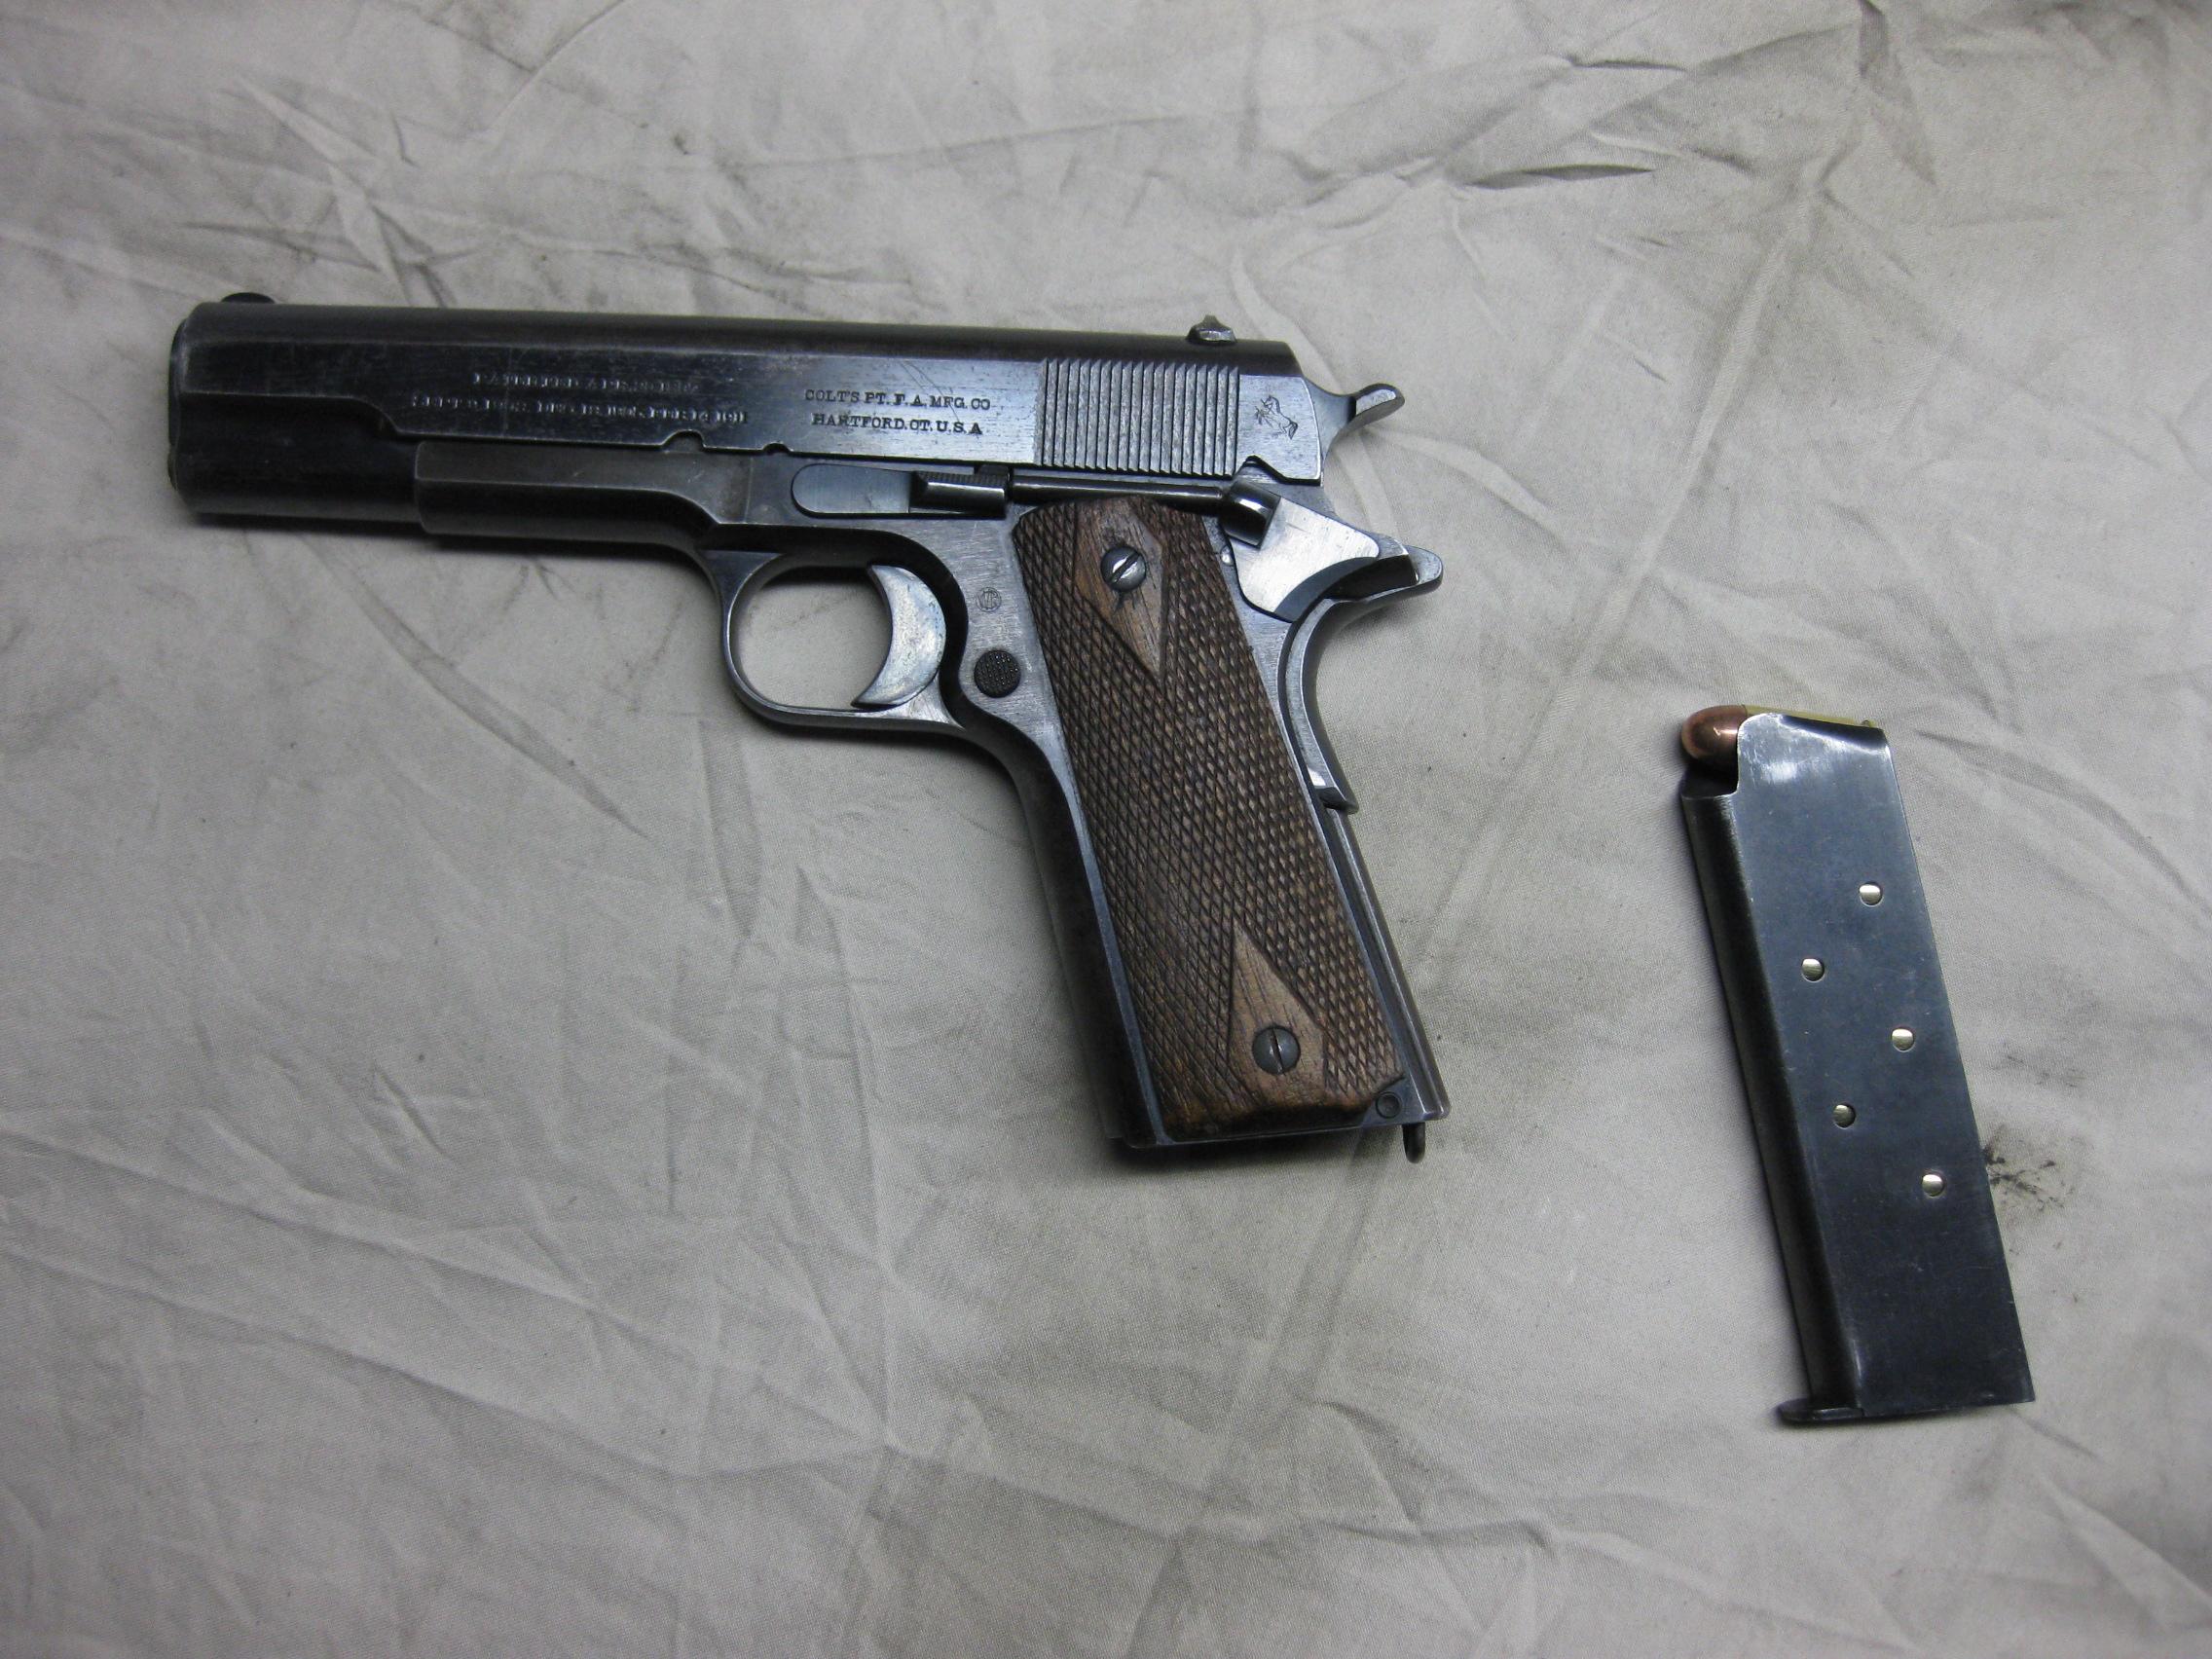 1913 Colt 1911 Parts Diagram Wiring Pistol Also With Exploded Lock The Welder Rh Lockthewelderdotcom Wordpress Com Sig 22